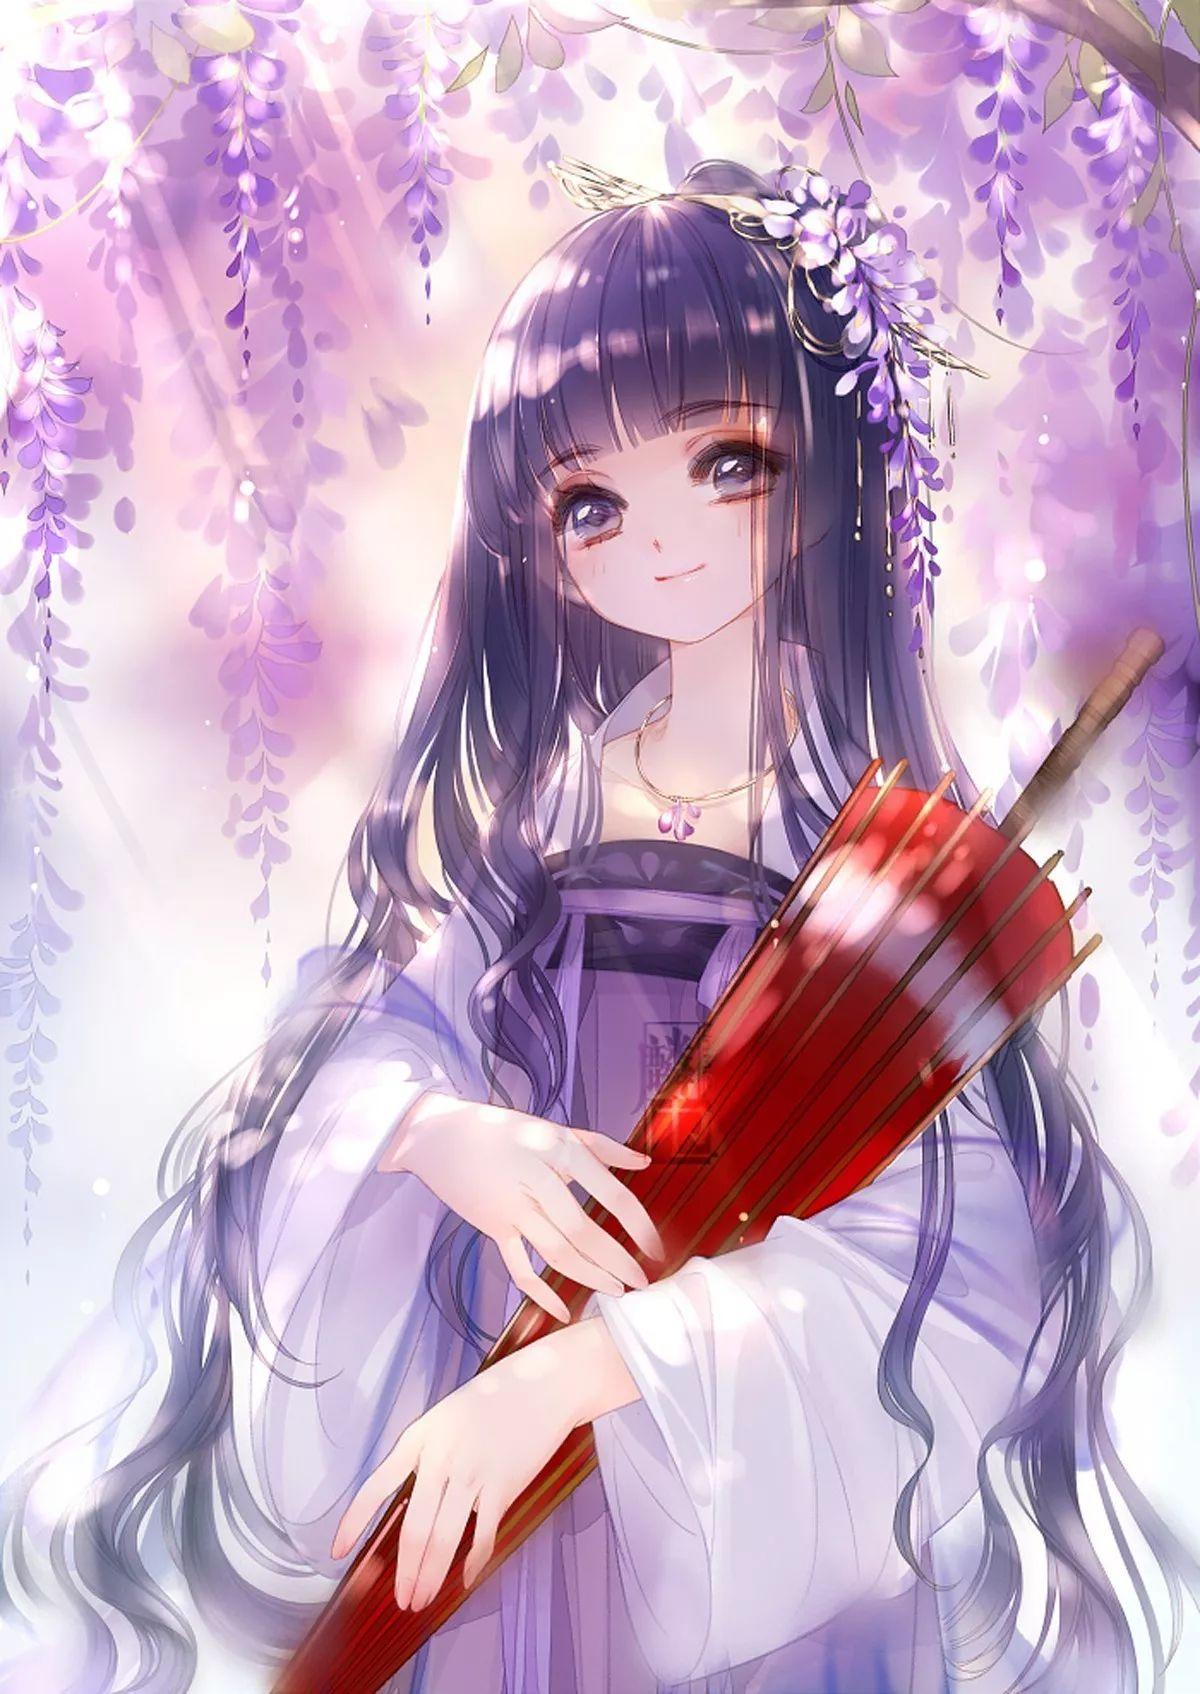 Girl tóc tím bên hoa tử đằng ảnh anime